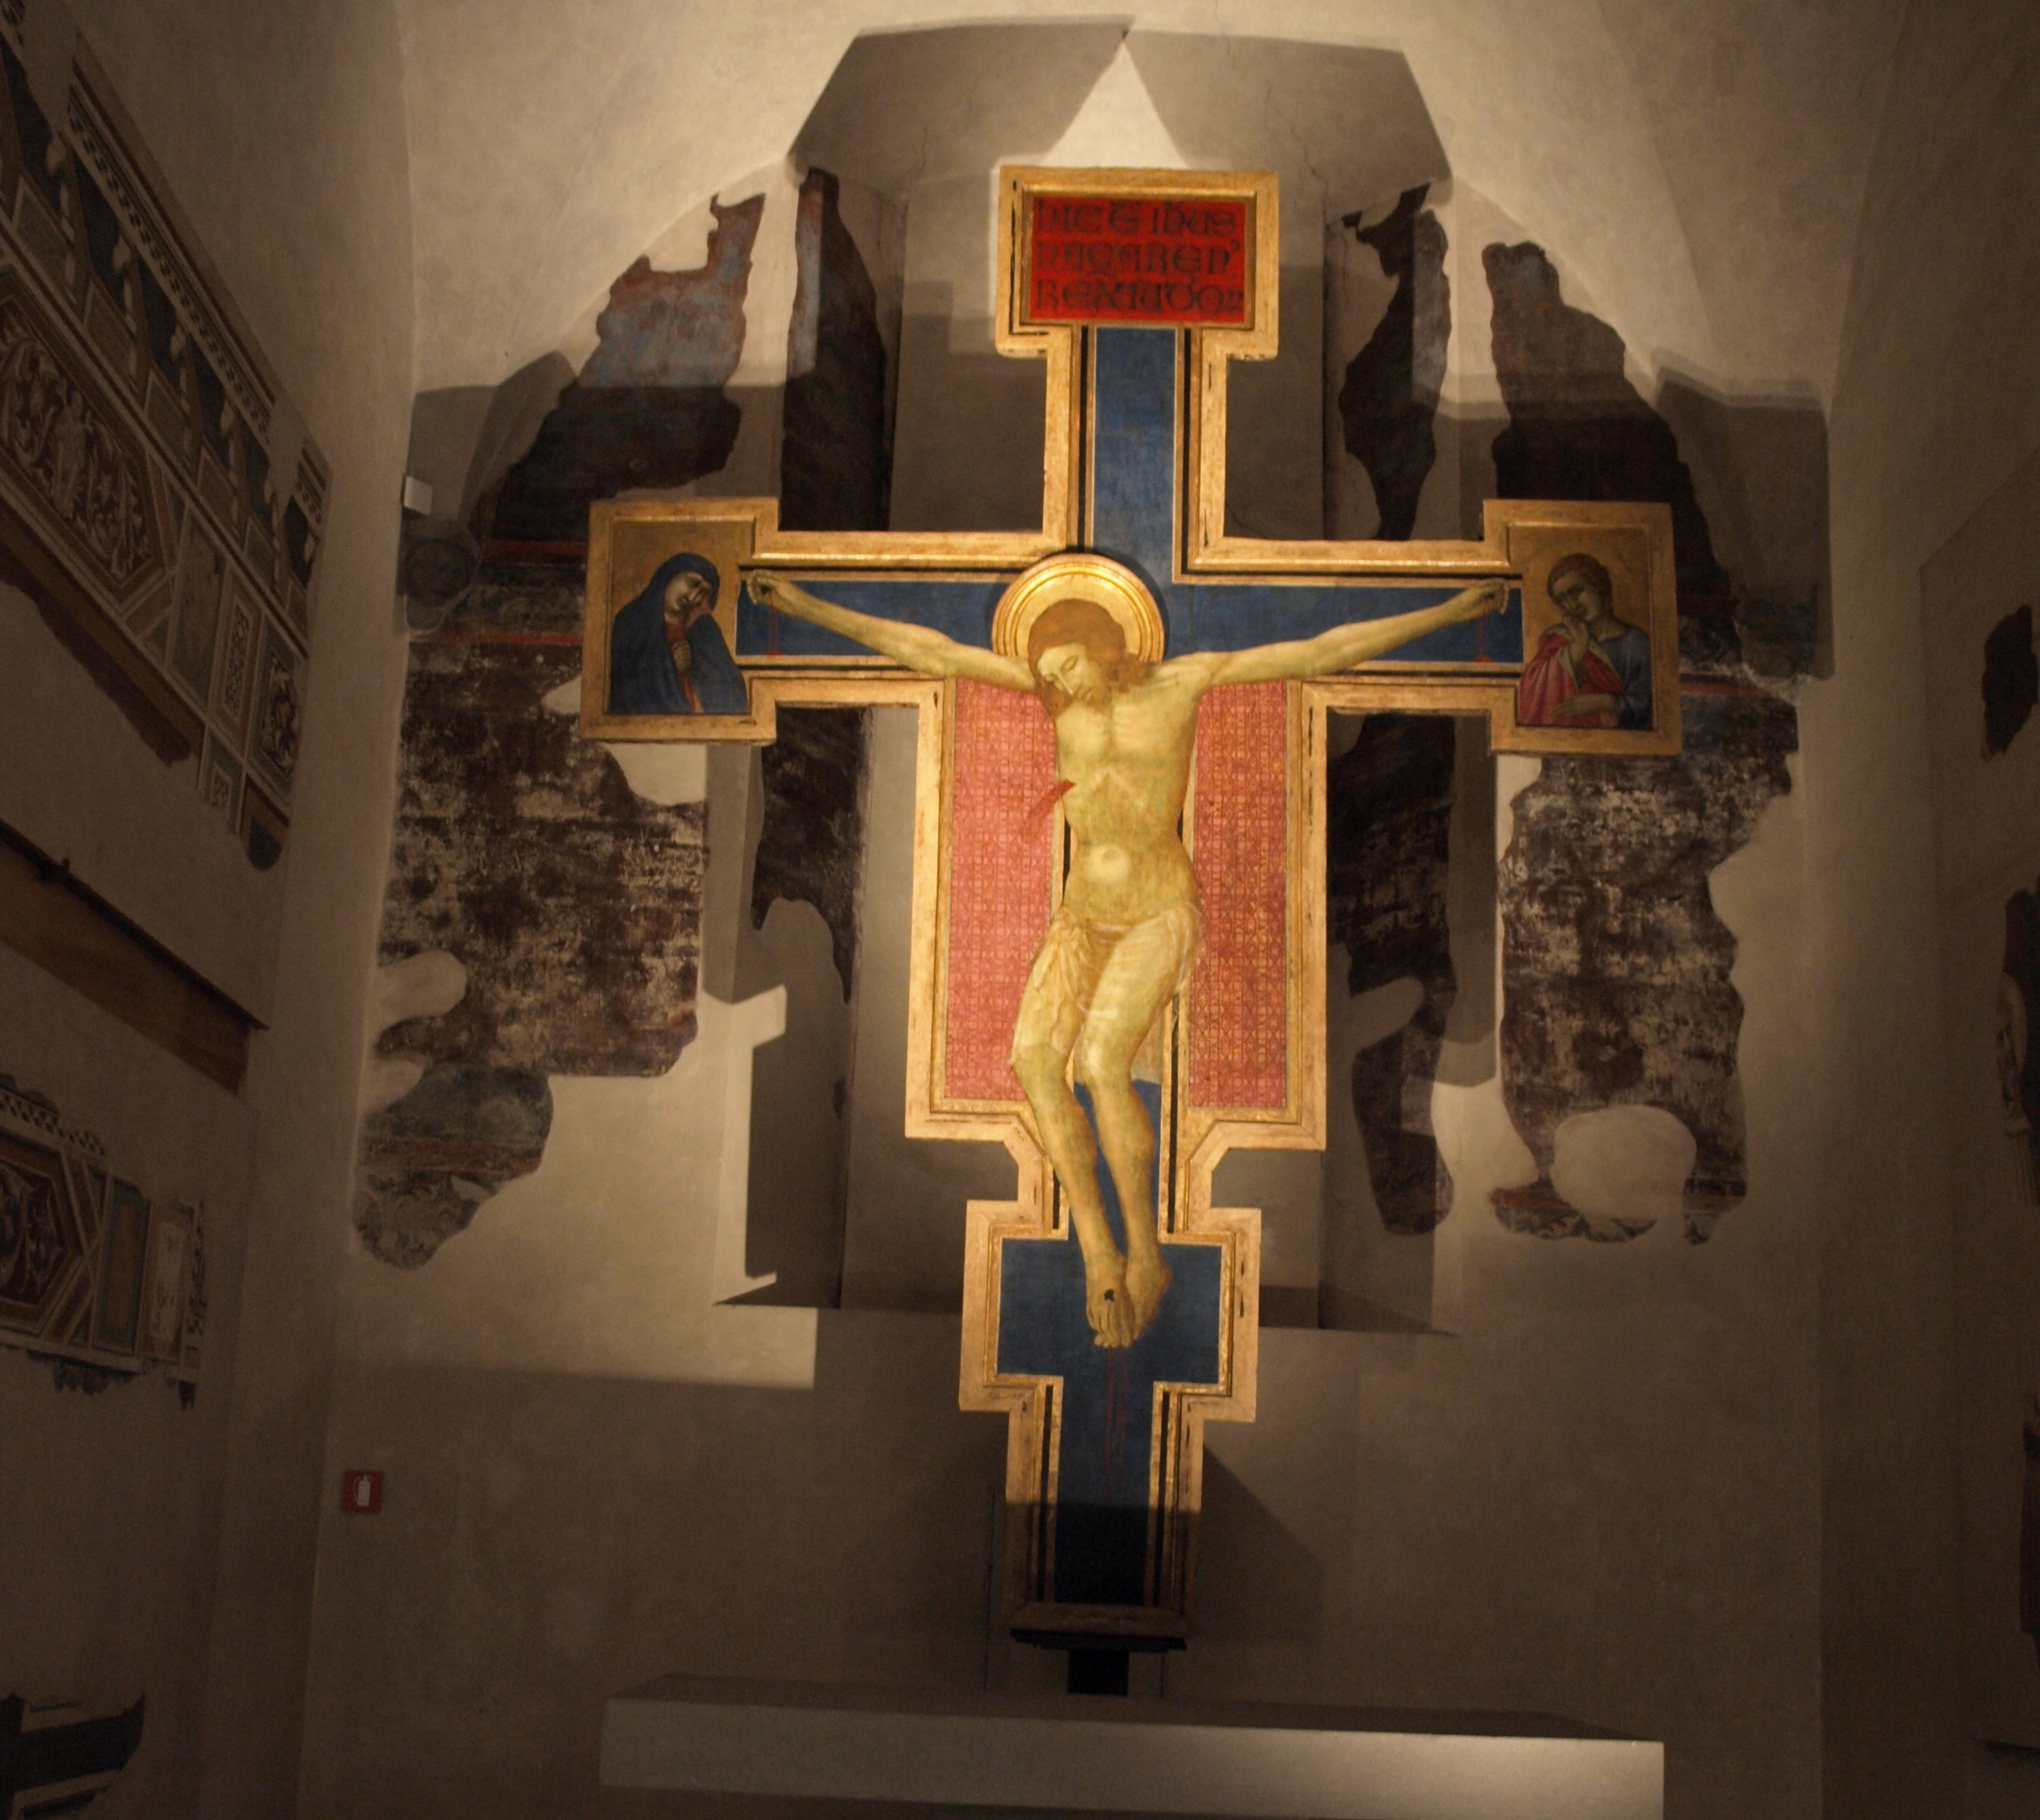 Itálie - Florencie - Ukřižování, Cimabue, Santa Croce, kolem 1265